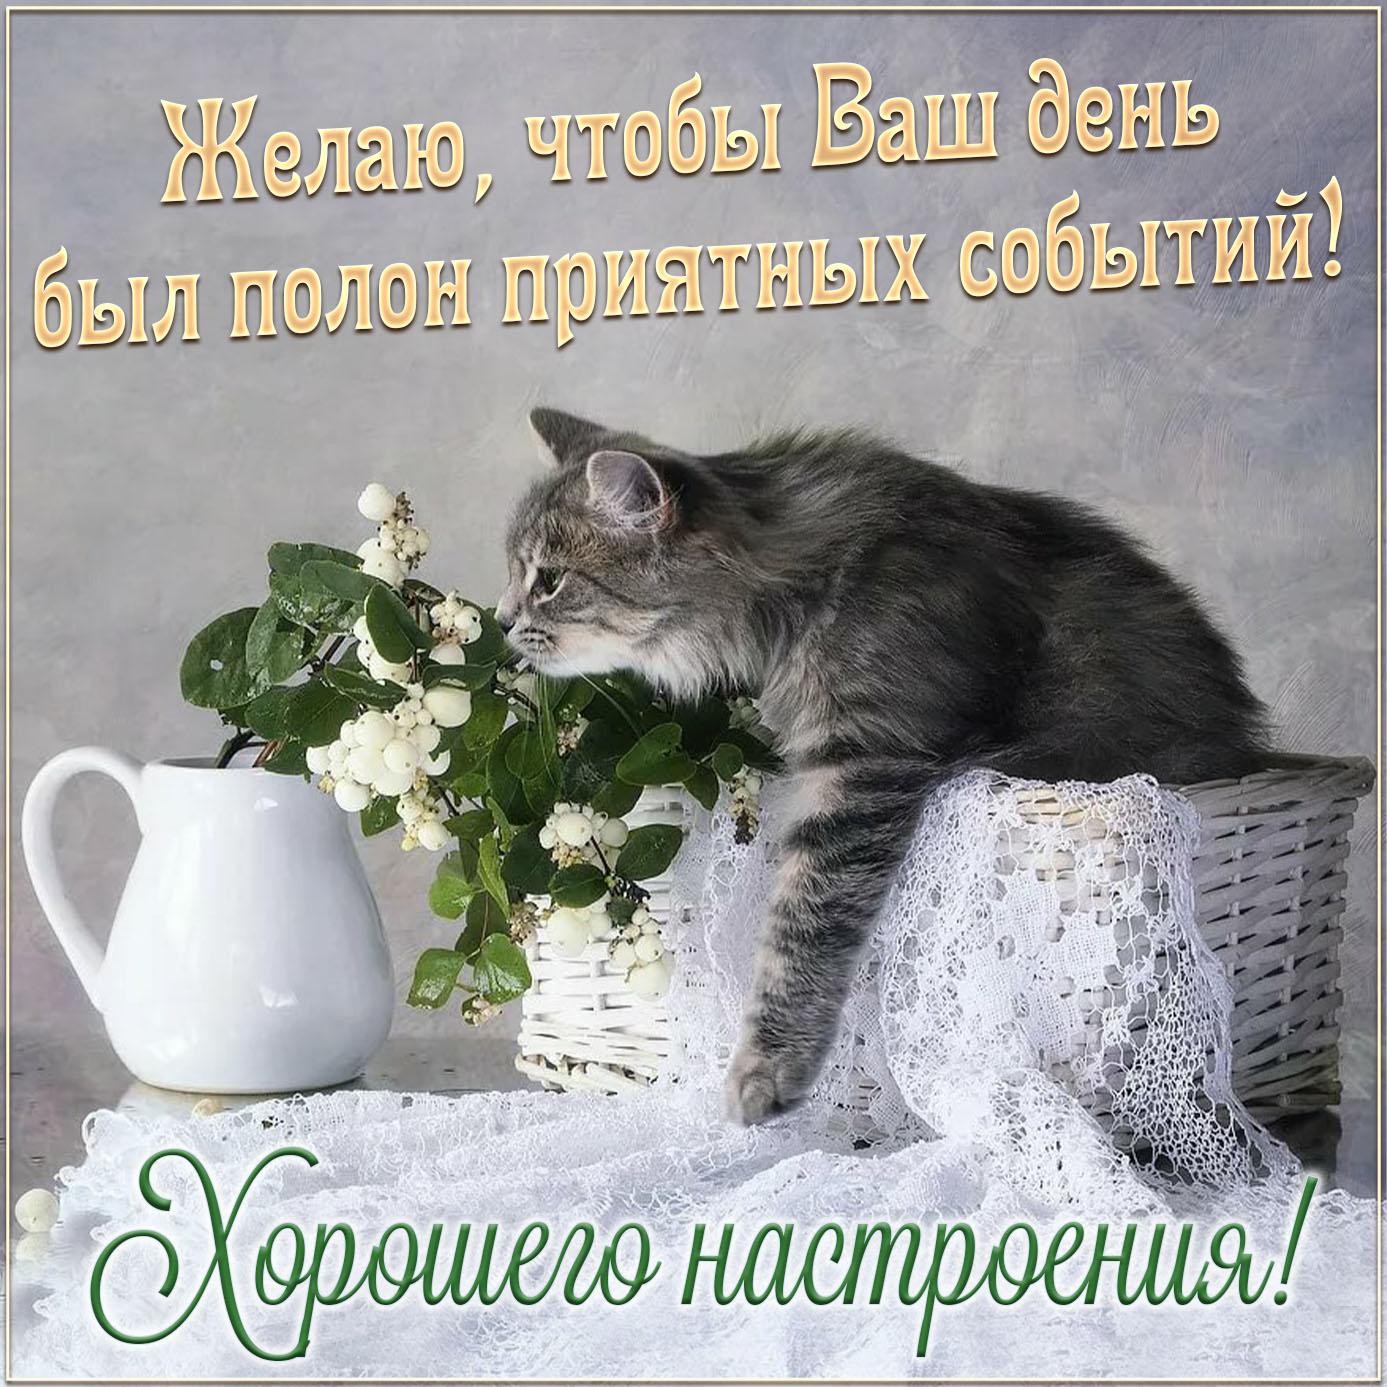 Котик на открытке желает хорошего настроения